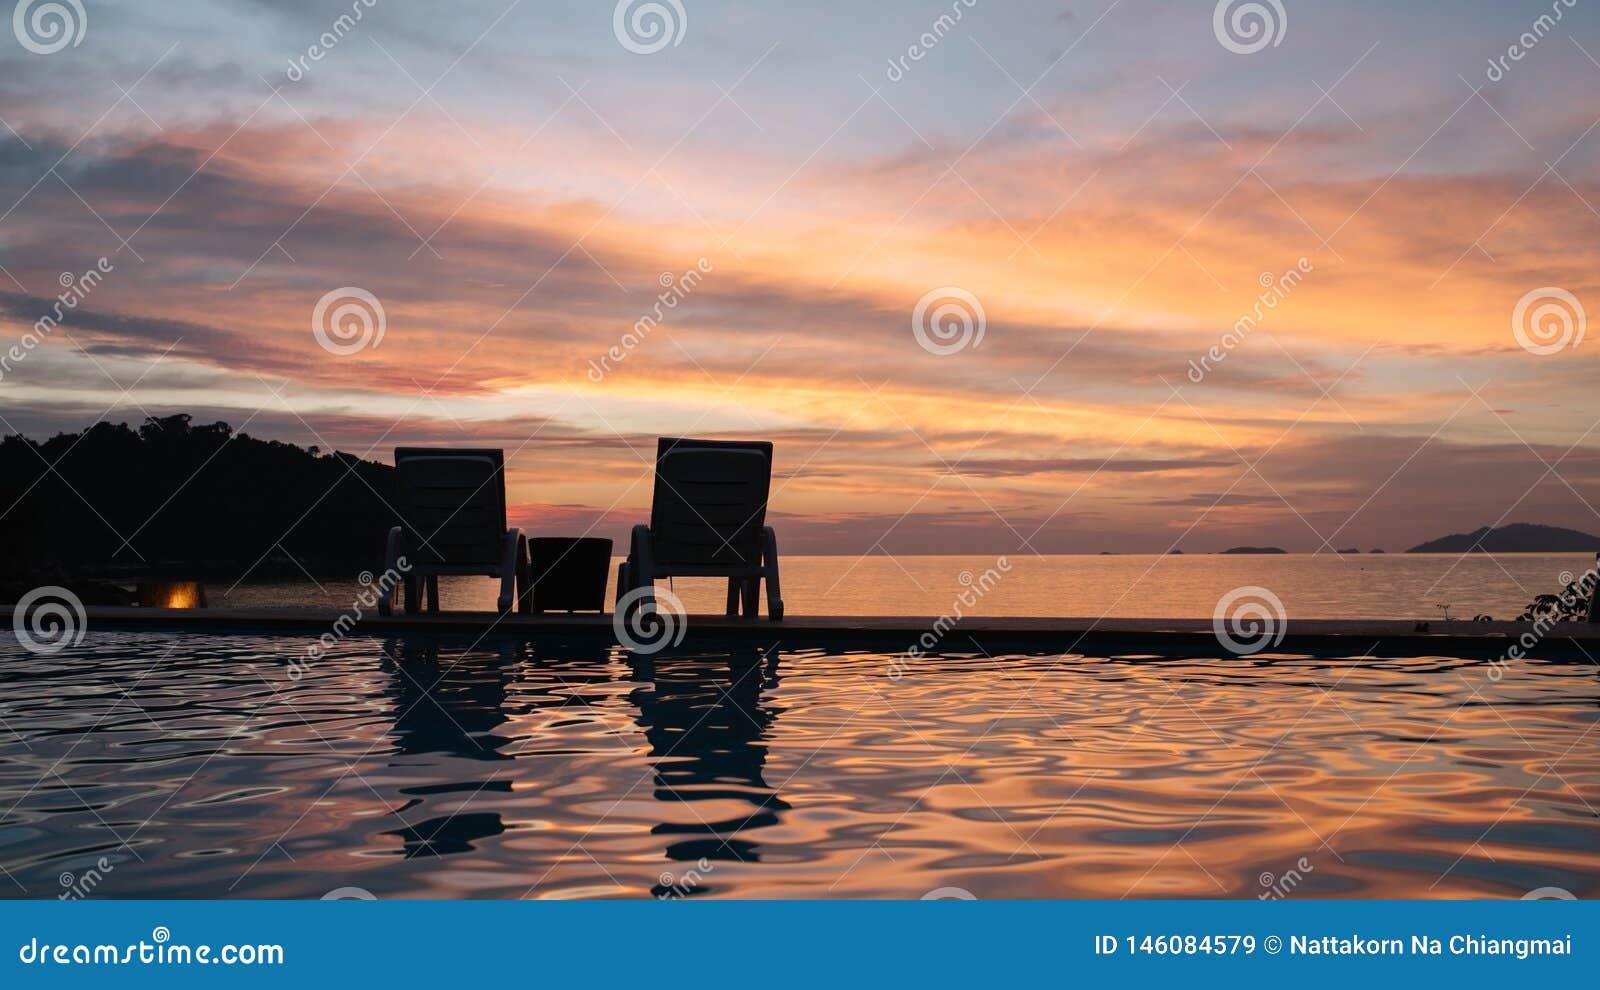 Reloj de la silla de playa la puesta del sol por la tarde en el verano en Tailandia